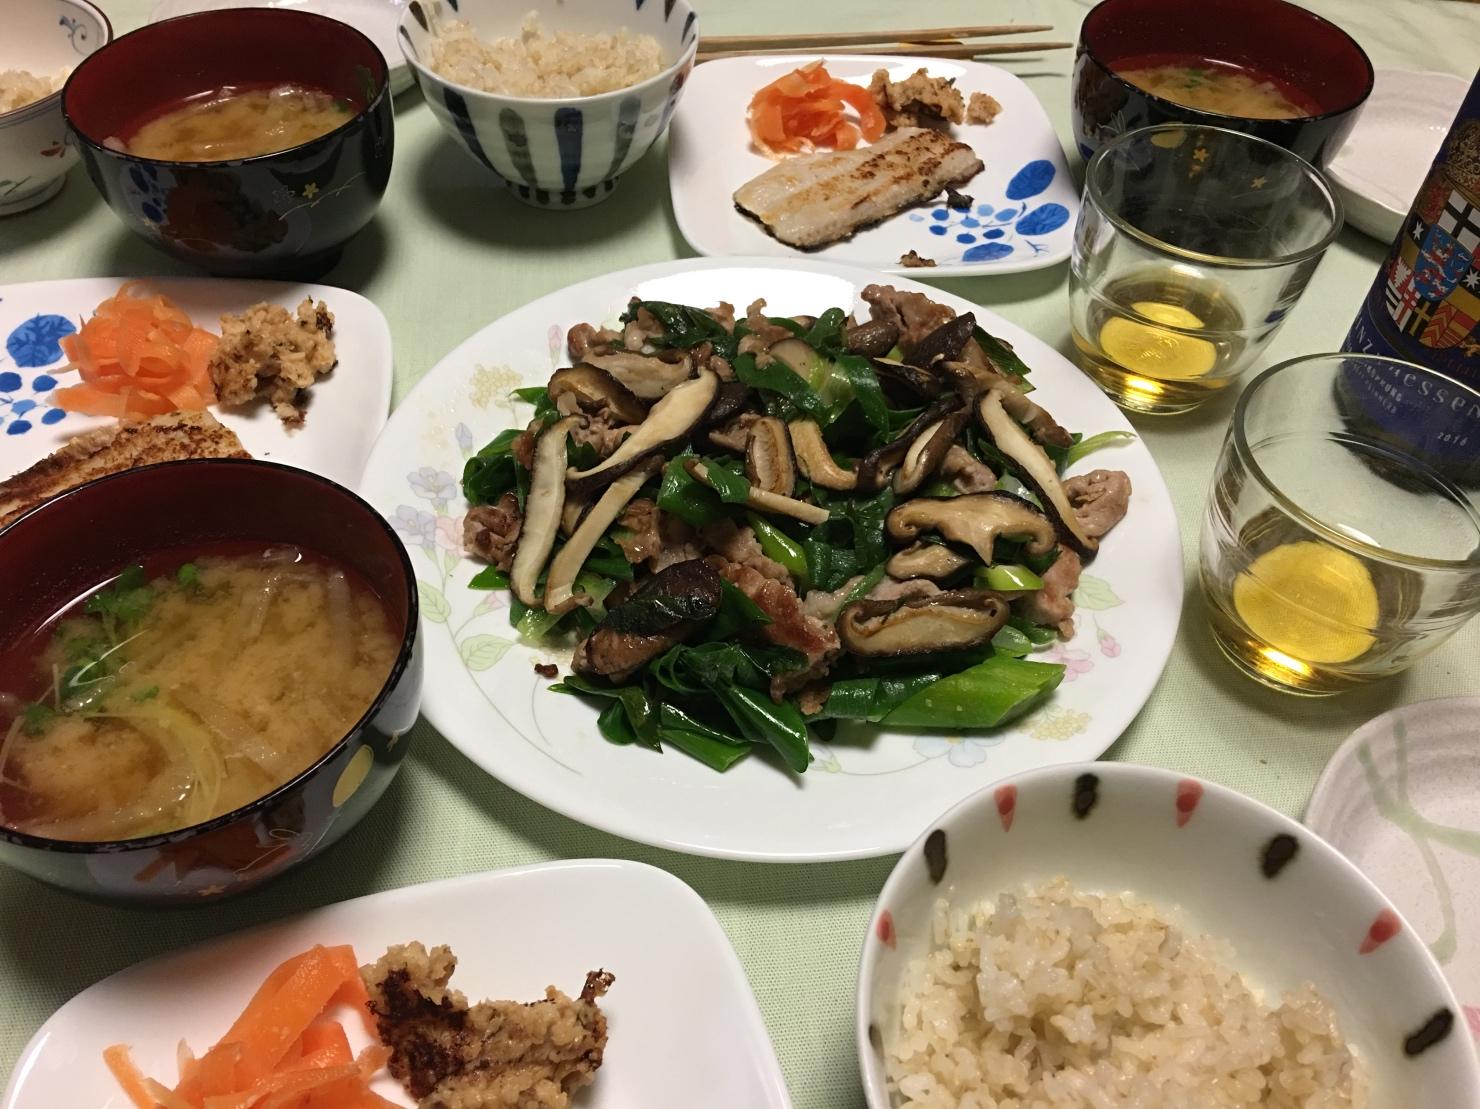 長ネギの青いとこと豚肉の塩炒め中心の夕食の写真